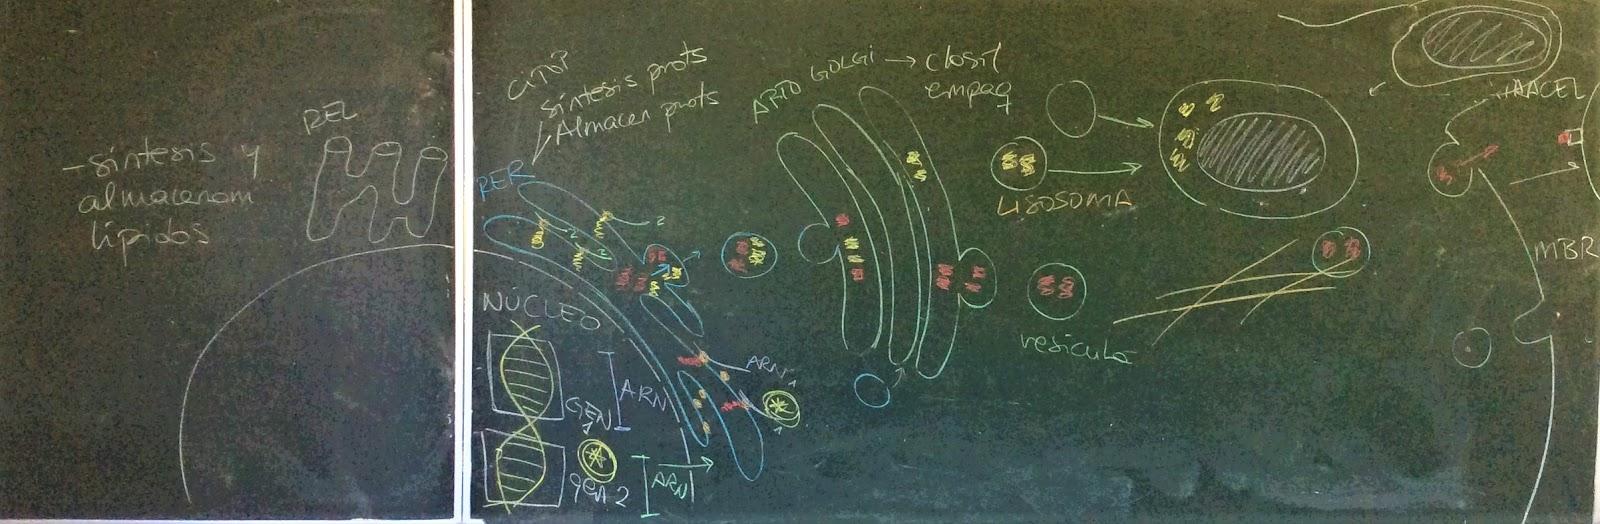 Biología Orvalle: 4º ESO